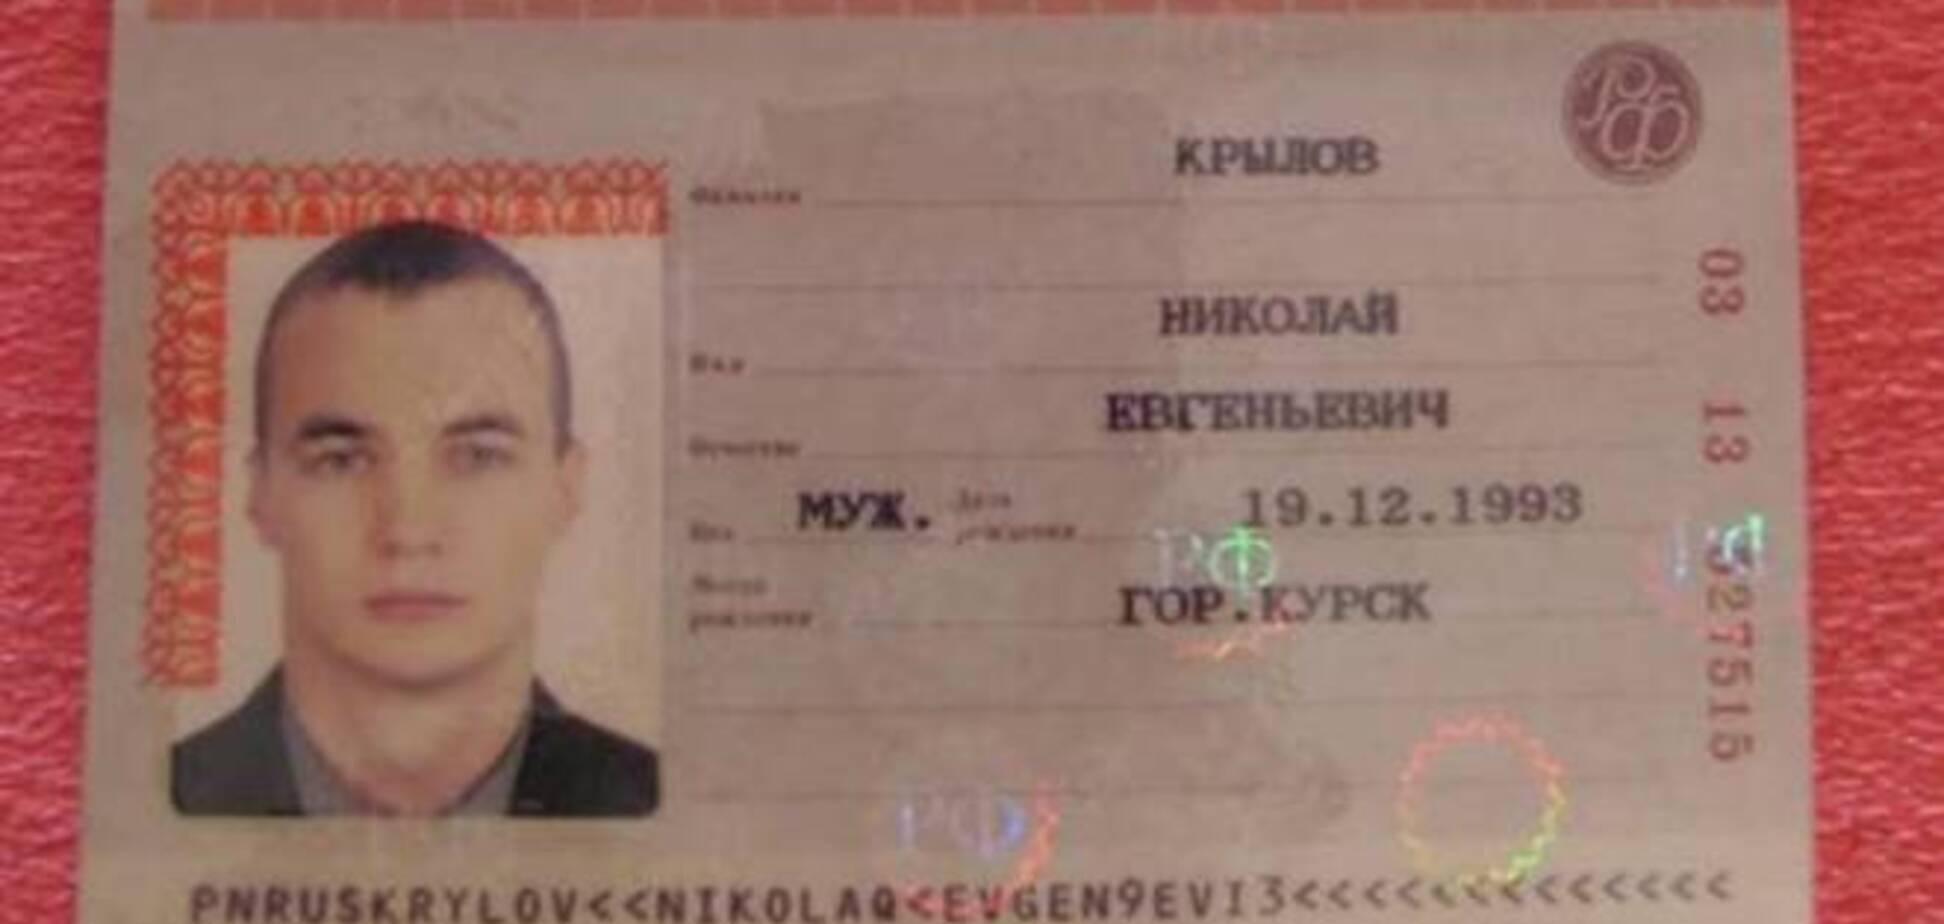 СБУ задержала 21-летнего россиянина, приехавшего воевать за 'ДНР' за деньги по объявлению в интернете